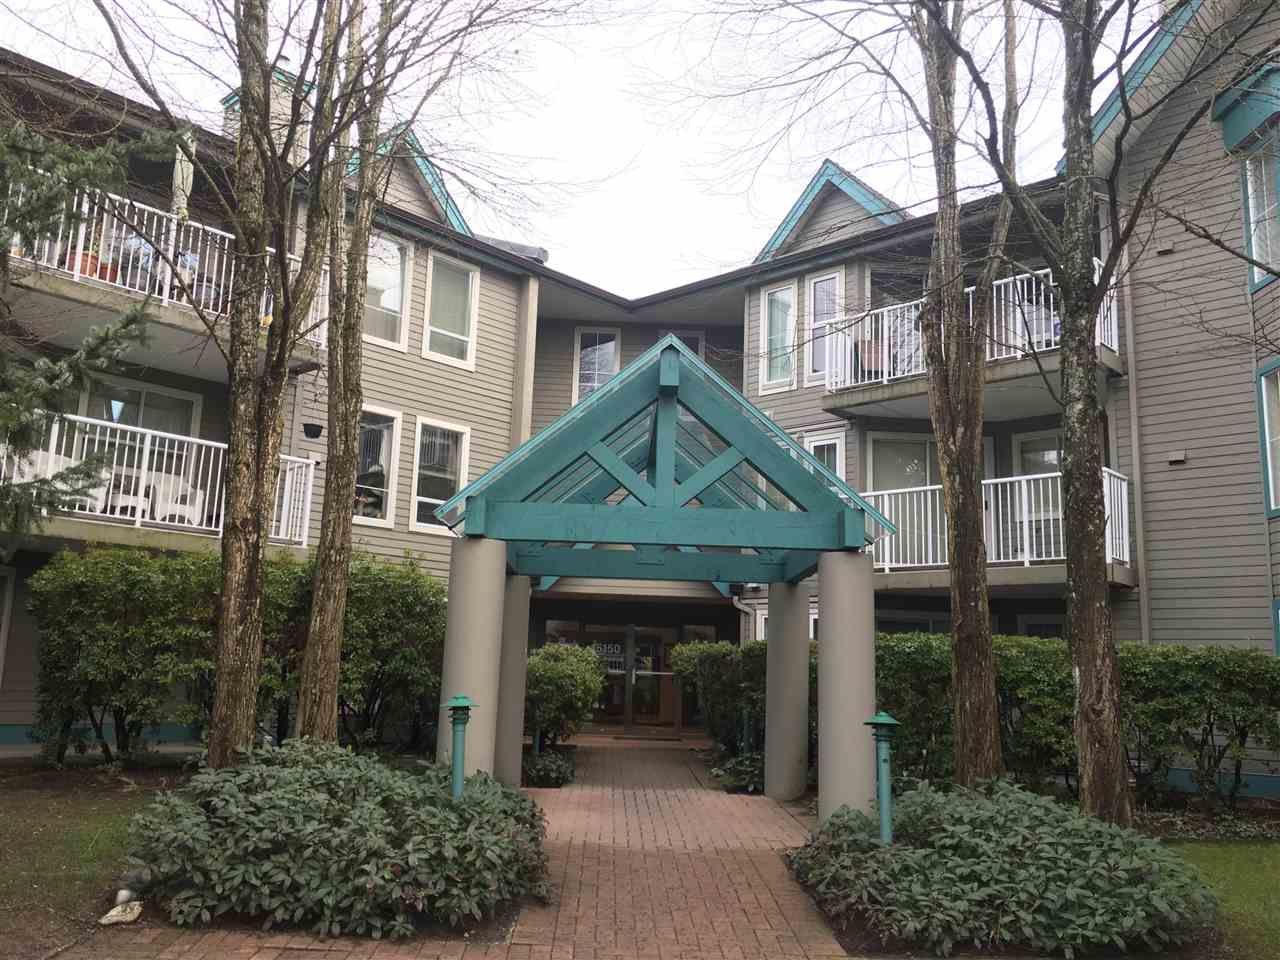 Photo 20: Photos: 106 15150 108TH AVENUE in Surrey: Bolivar Heights Condo for sale (North Surrey)  : MLS®# R2148396